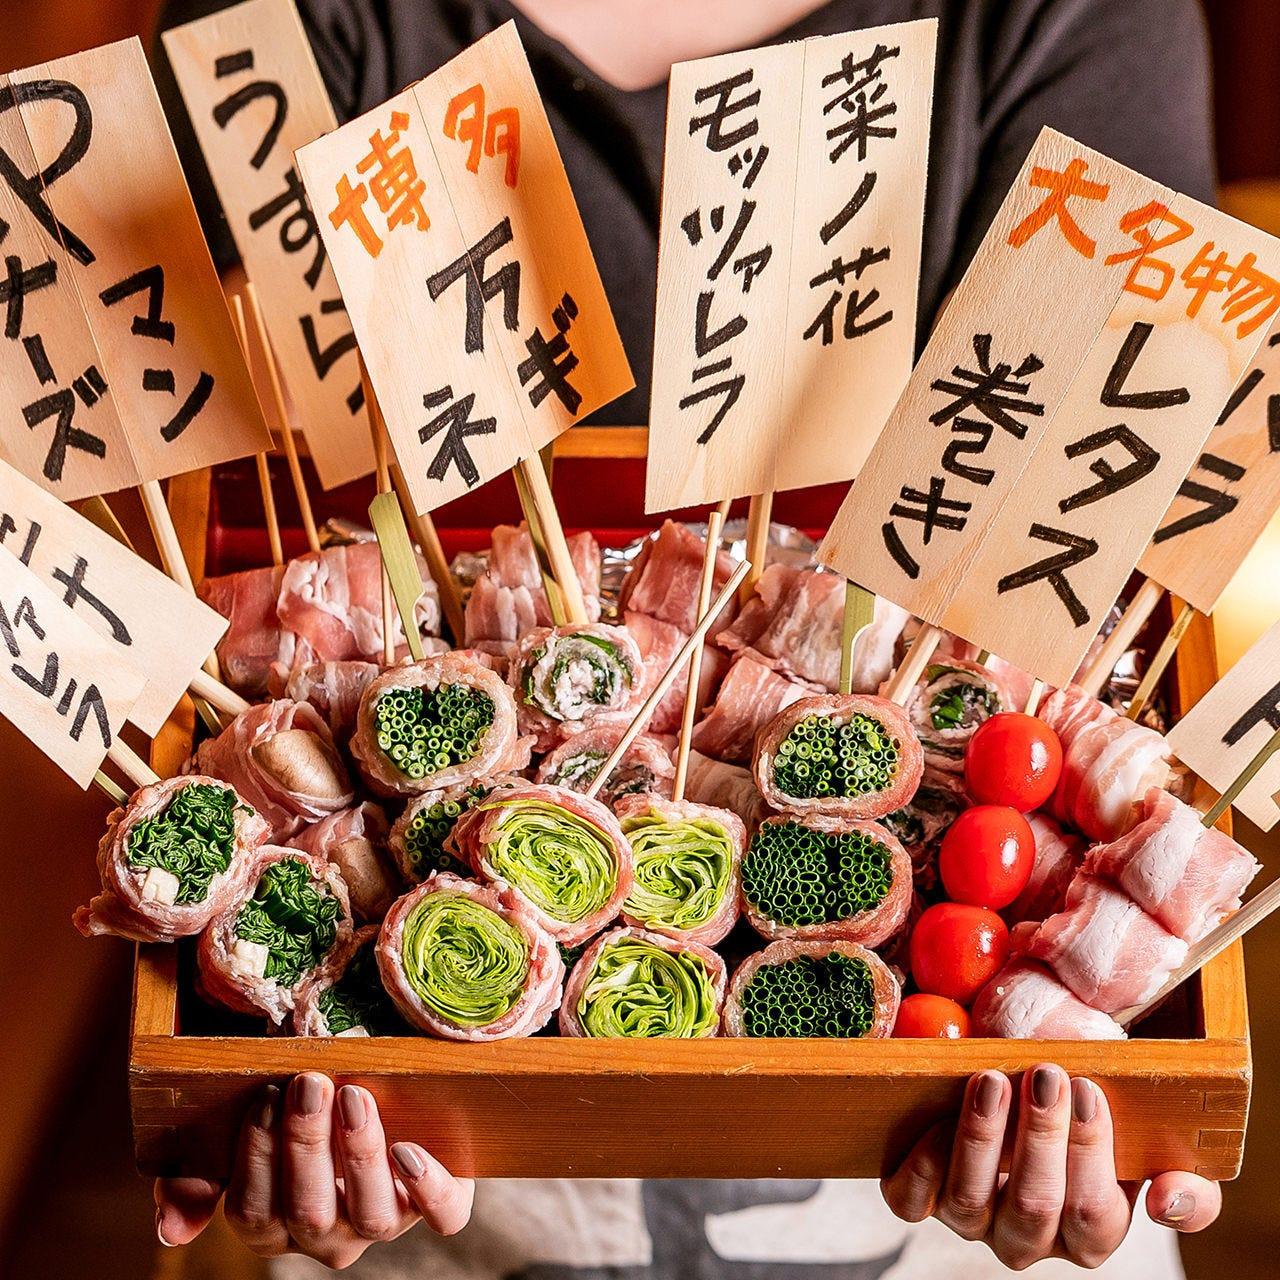 新鮮野菜×豚バラを炭火で焼き上げた、名物「博多野菜巻き串」